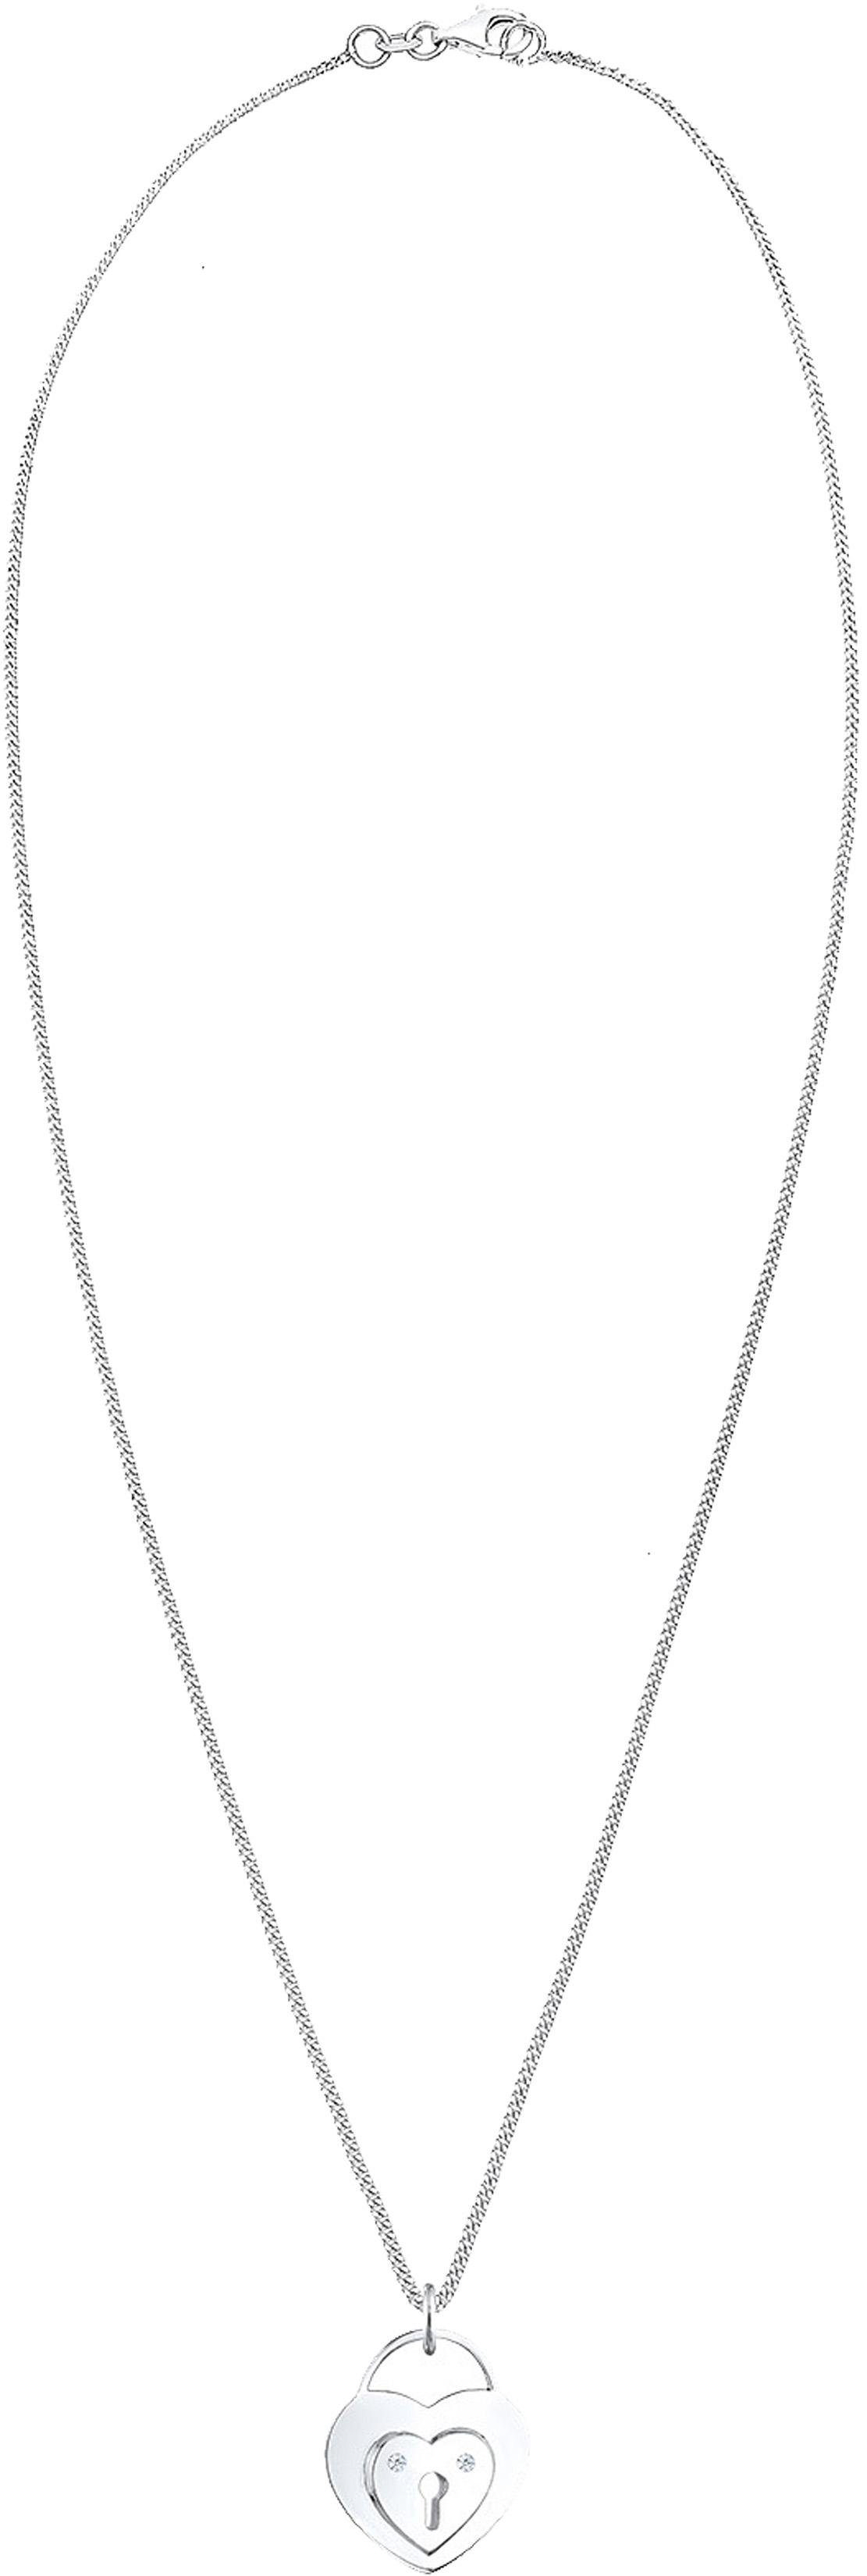 Diamore Kette mit Anhänger »Herz, DIAMORE, 0102362114« mit Brillianten